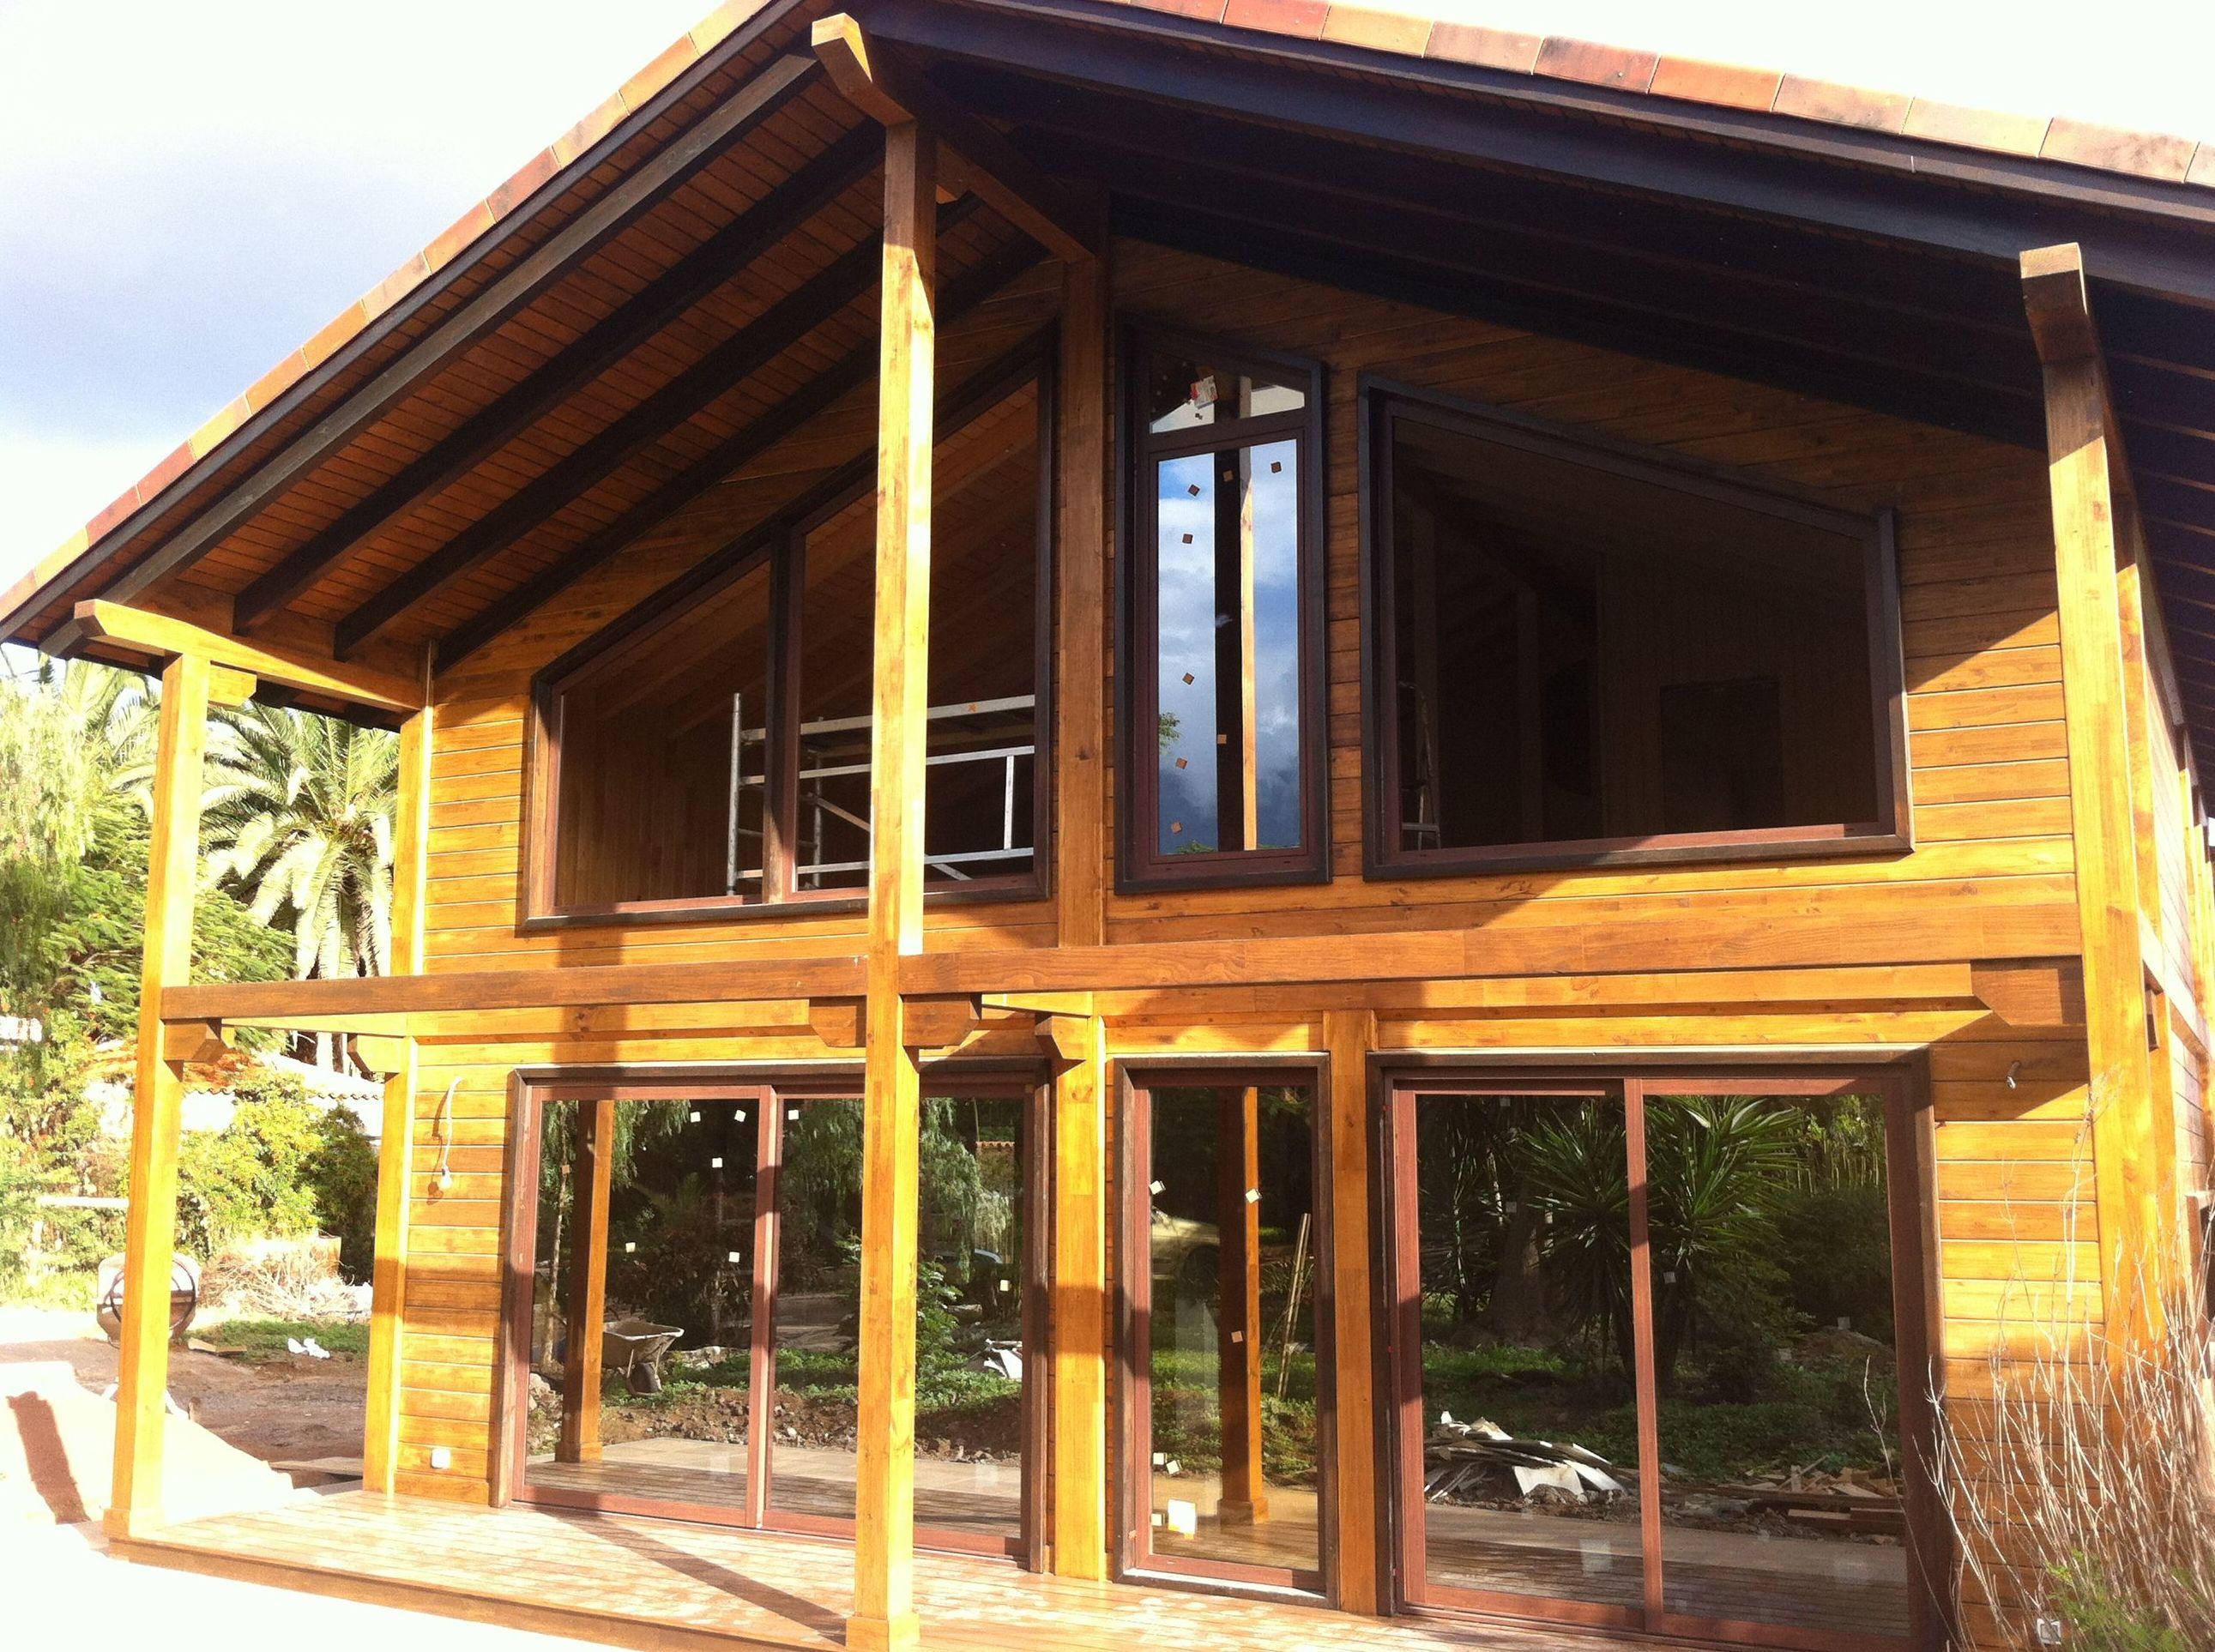 Foto 8 de casas de madera en tacoronte cortelima - Casas de madera en alcorcon ...